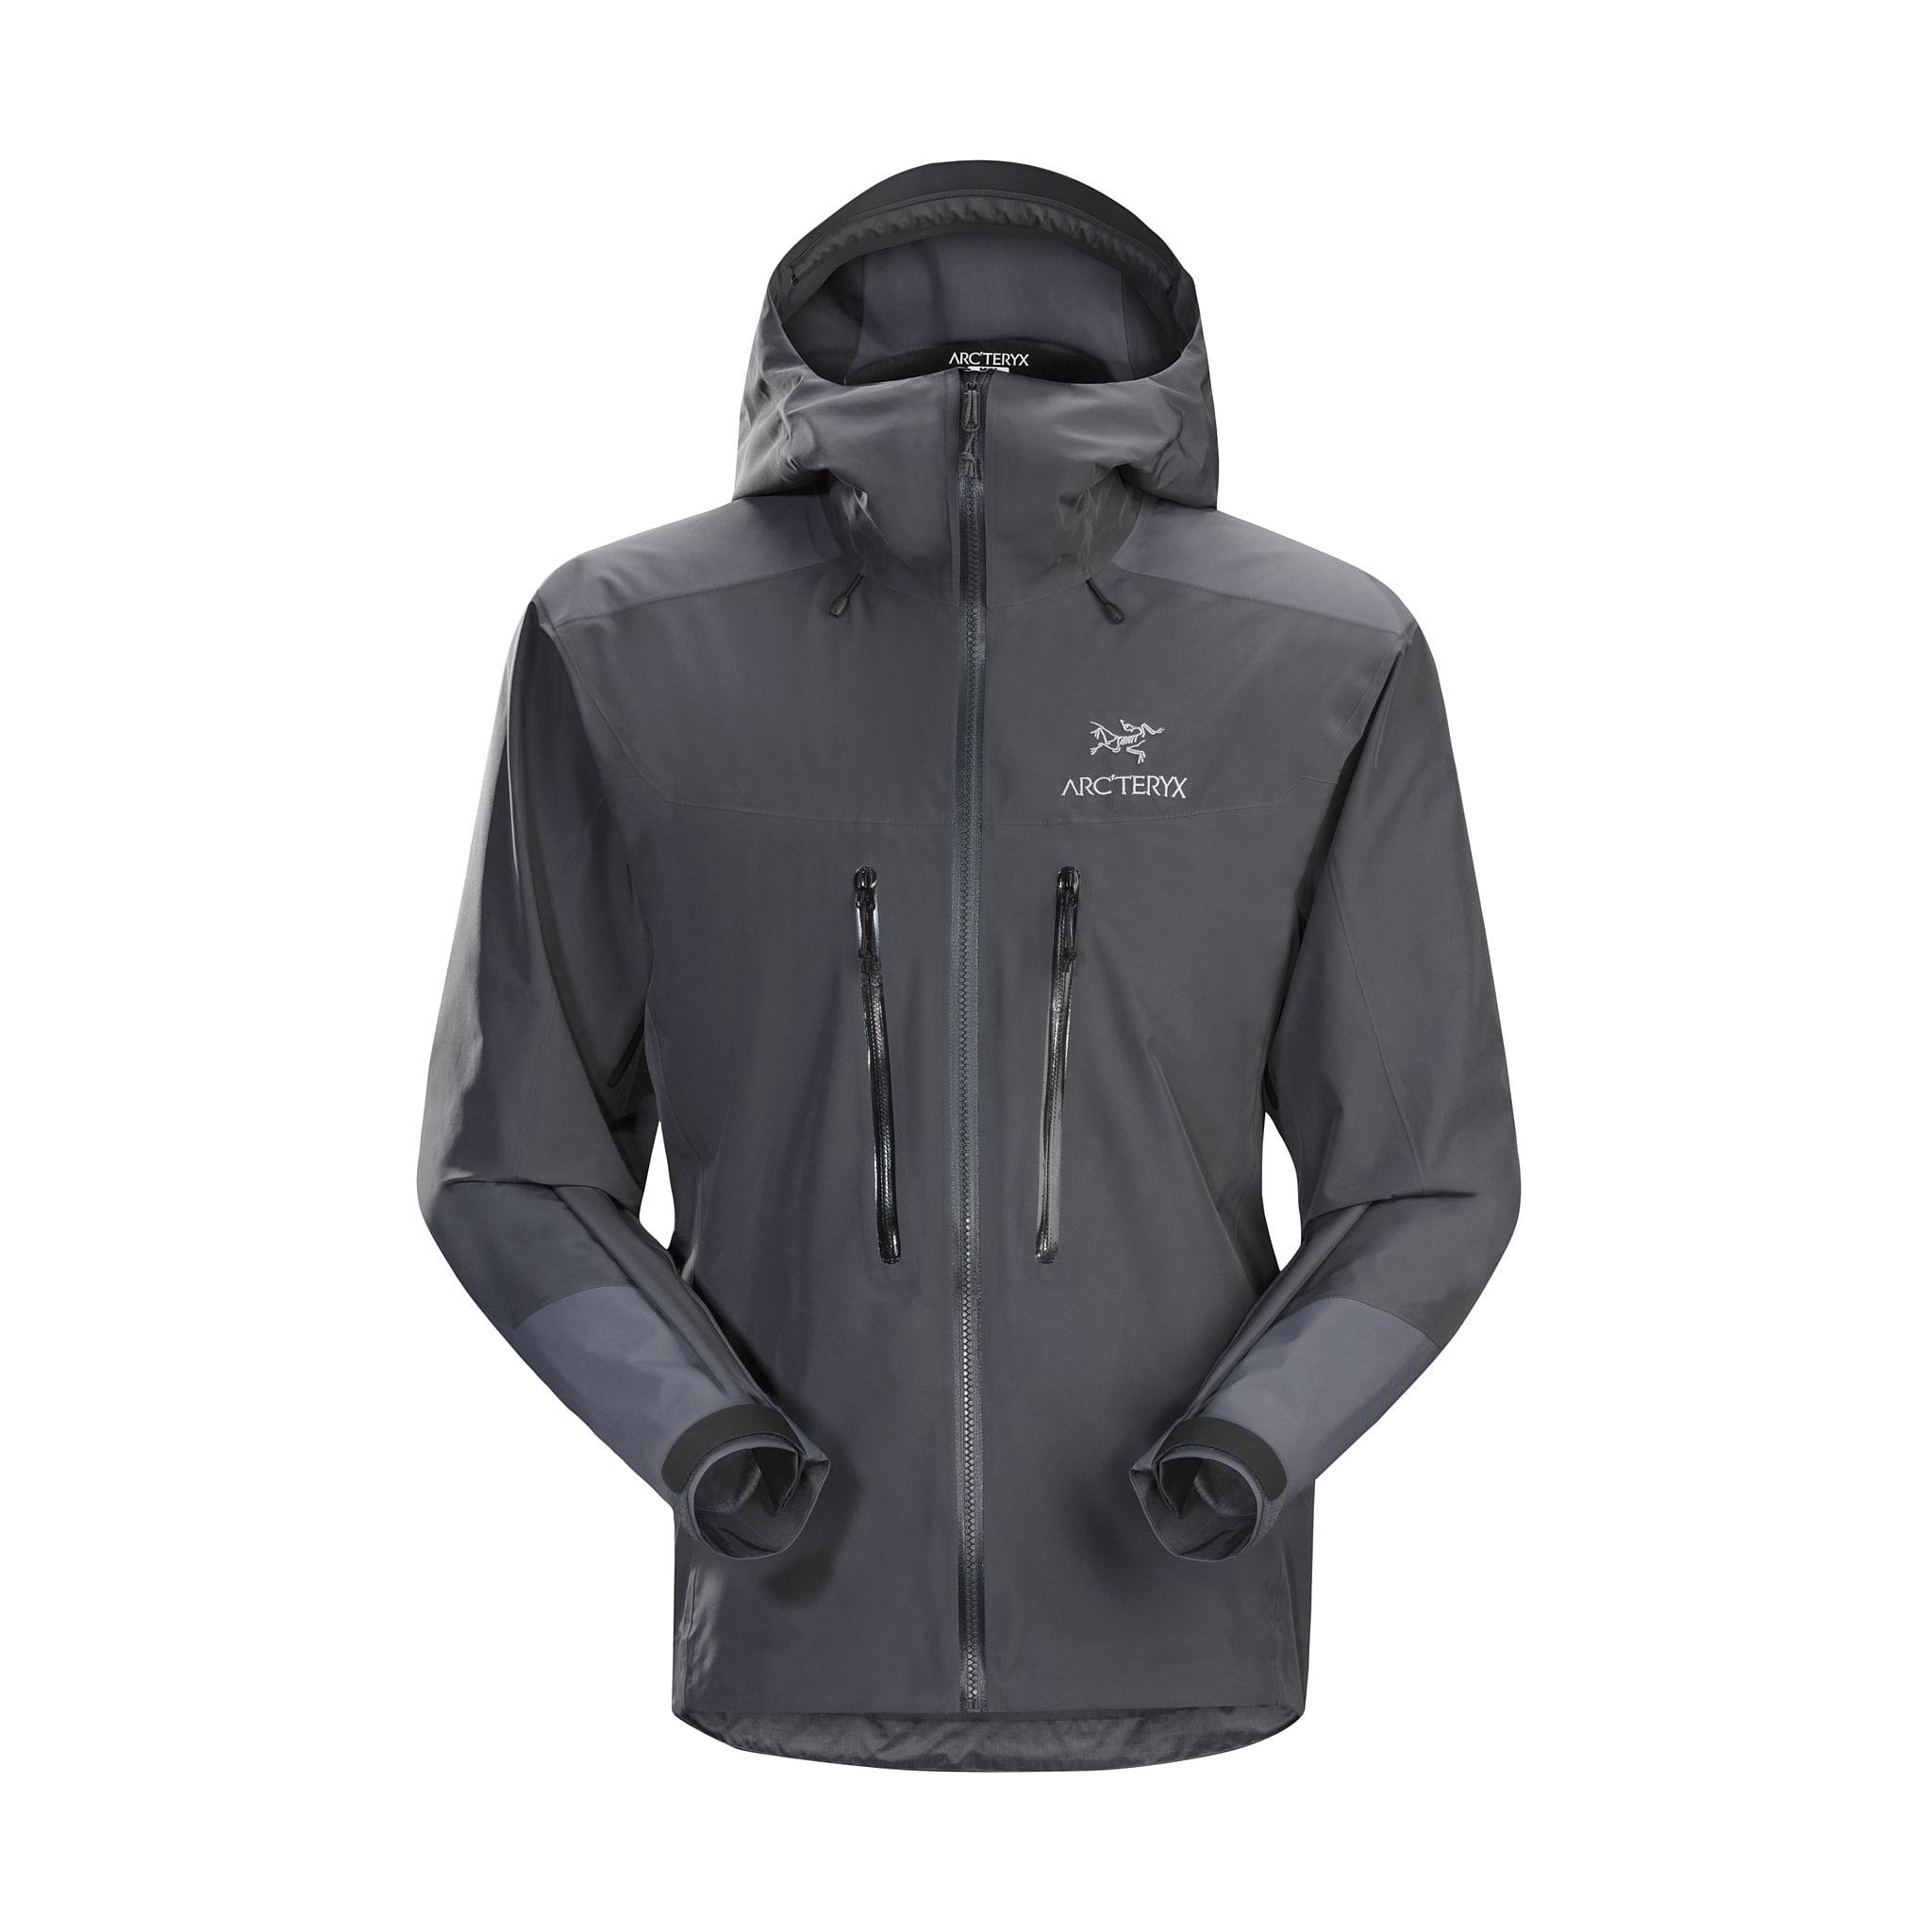 Allsidig GORE-TEX® Pro-jakke som fungerer i mange forskjellige alpine forhold